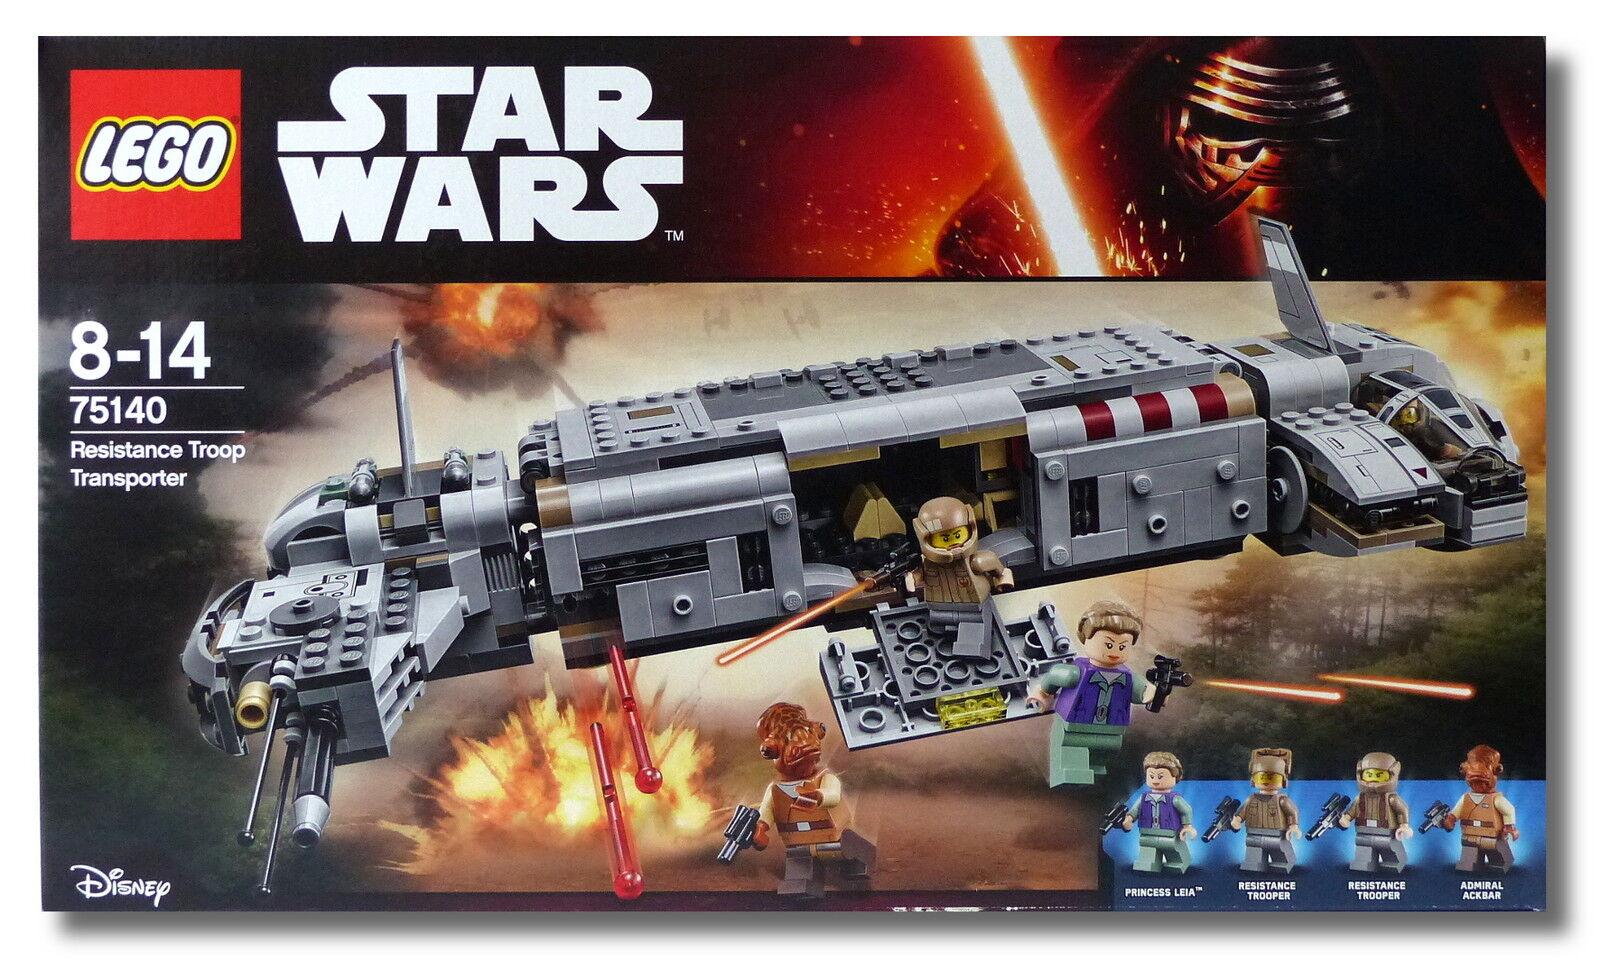 LEGO ® Star Wars ™ 75140  RESISTANCE TROOP Transporteur  Nouveau Neuf dans sa boîte New En parfait état, dans sa boîte scellée